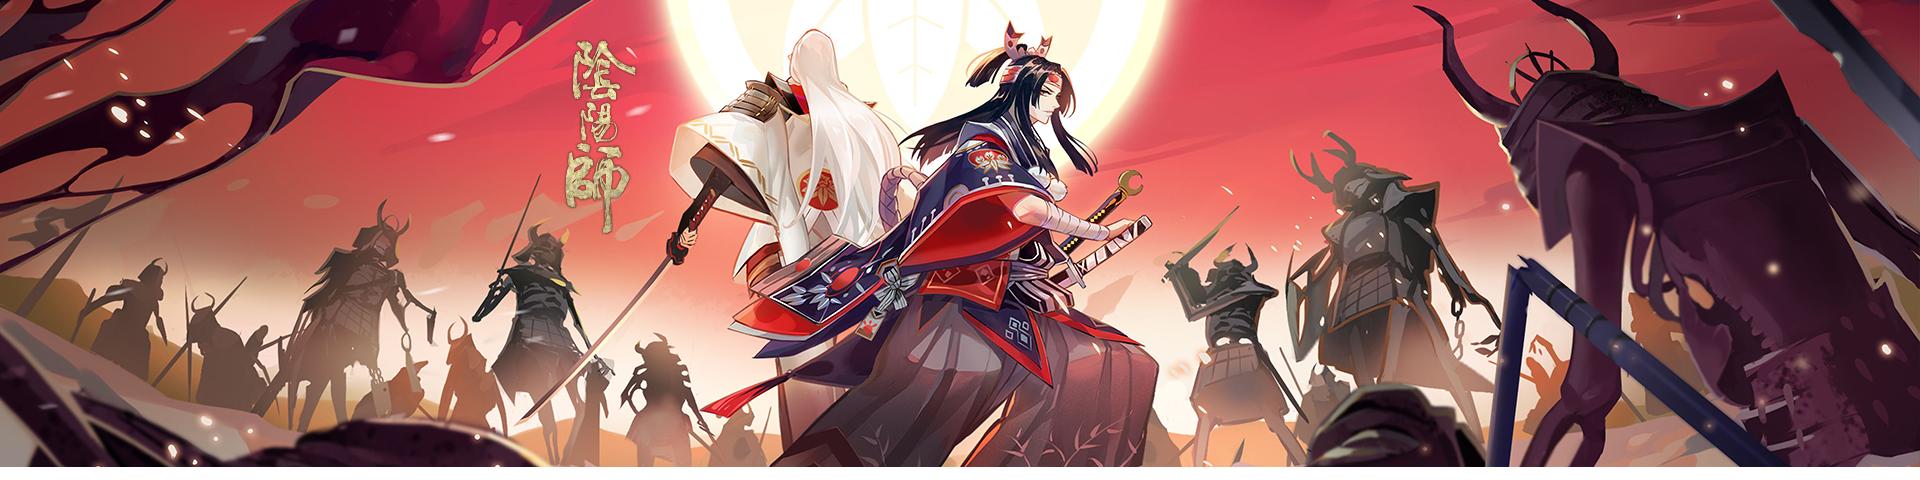 阴阳师网易正版手游v1.7.7 安卓版